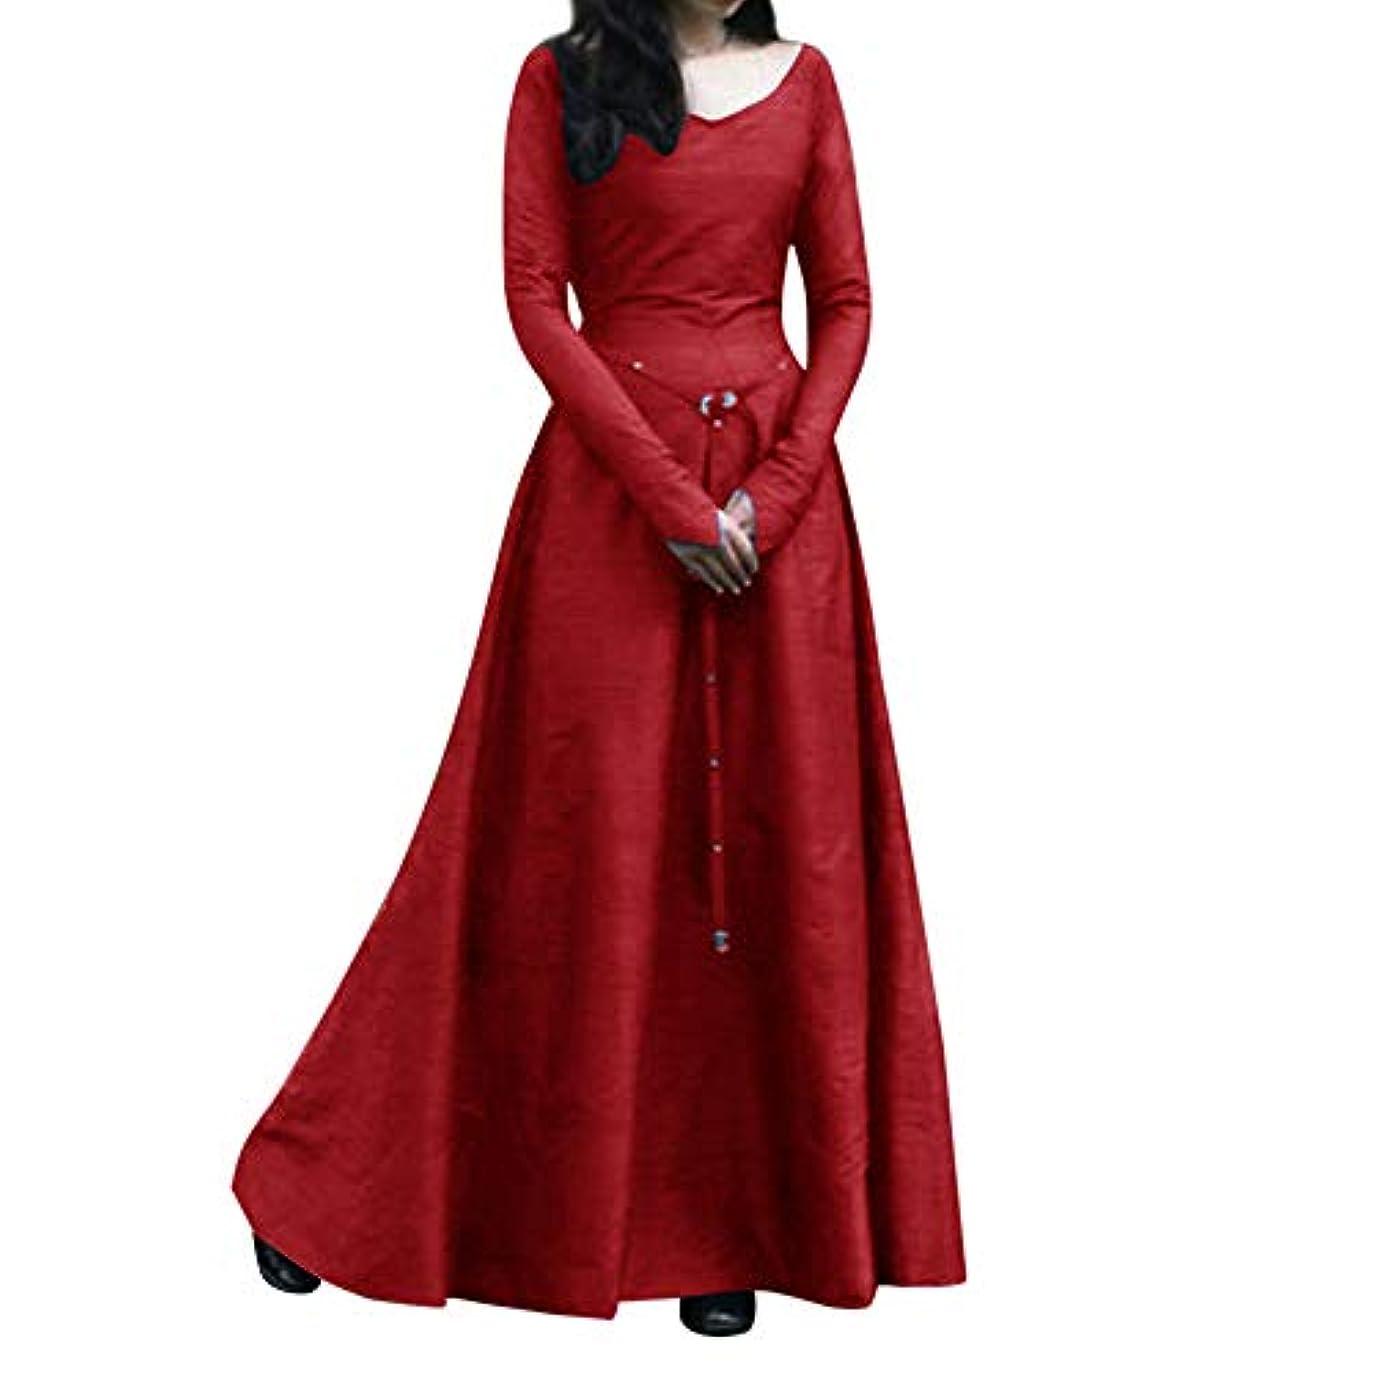 集めるインストール行政貴族 ドレス お姫様 カラードレス Huliyun 王族服 豪華なドレス ウェディング ドレス プリンセスライン オペラ声楽 中世貴族風 演奏会ドレス ステージドレス ブ シンデレラドレス コスチューム